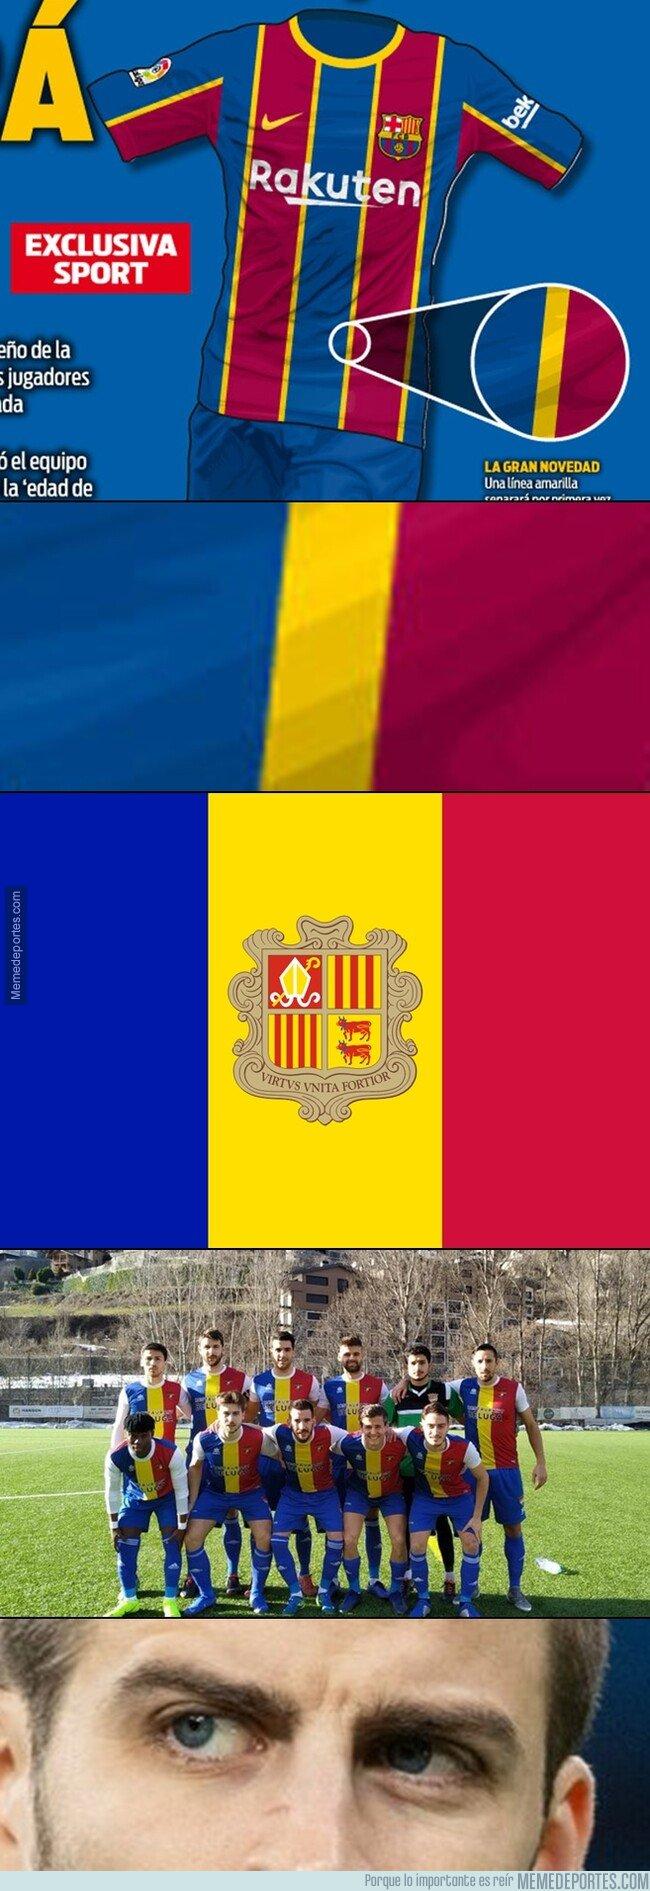 1086320 - Si le hacemos Zoom a la 'nueva' camiseta del Barça